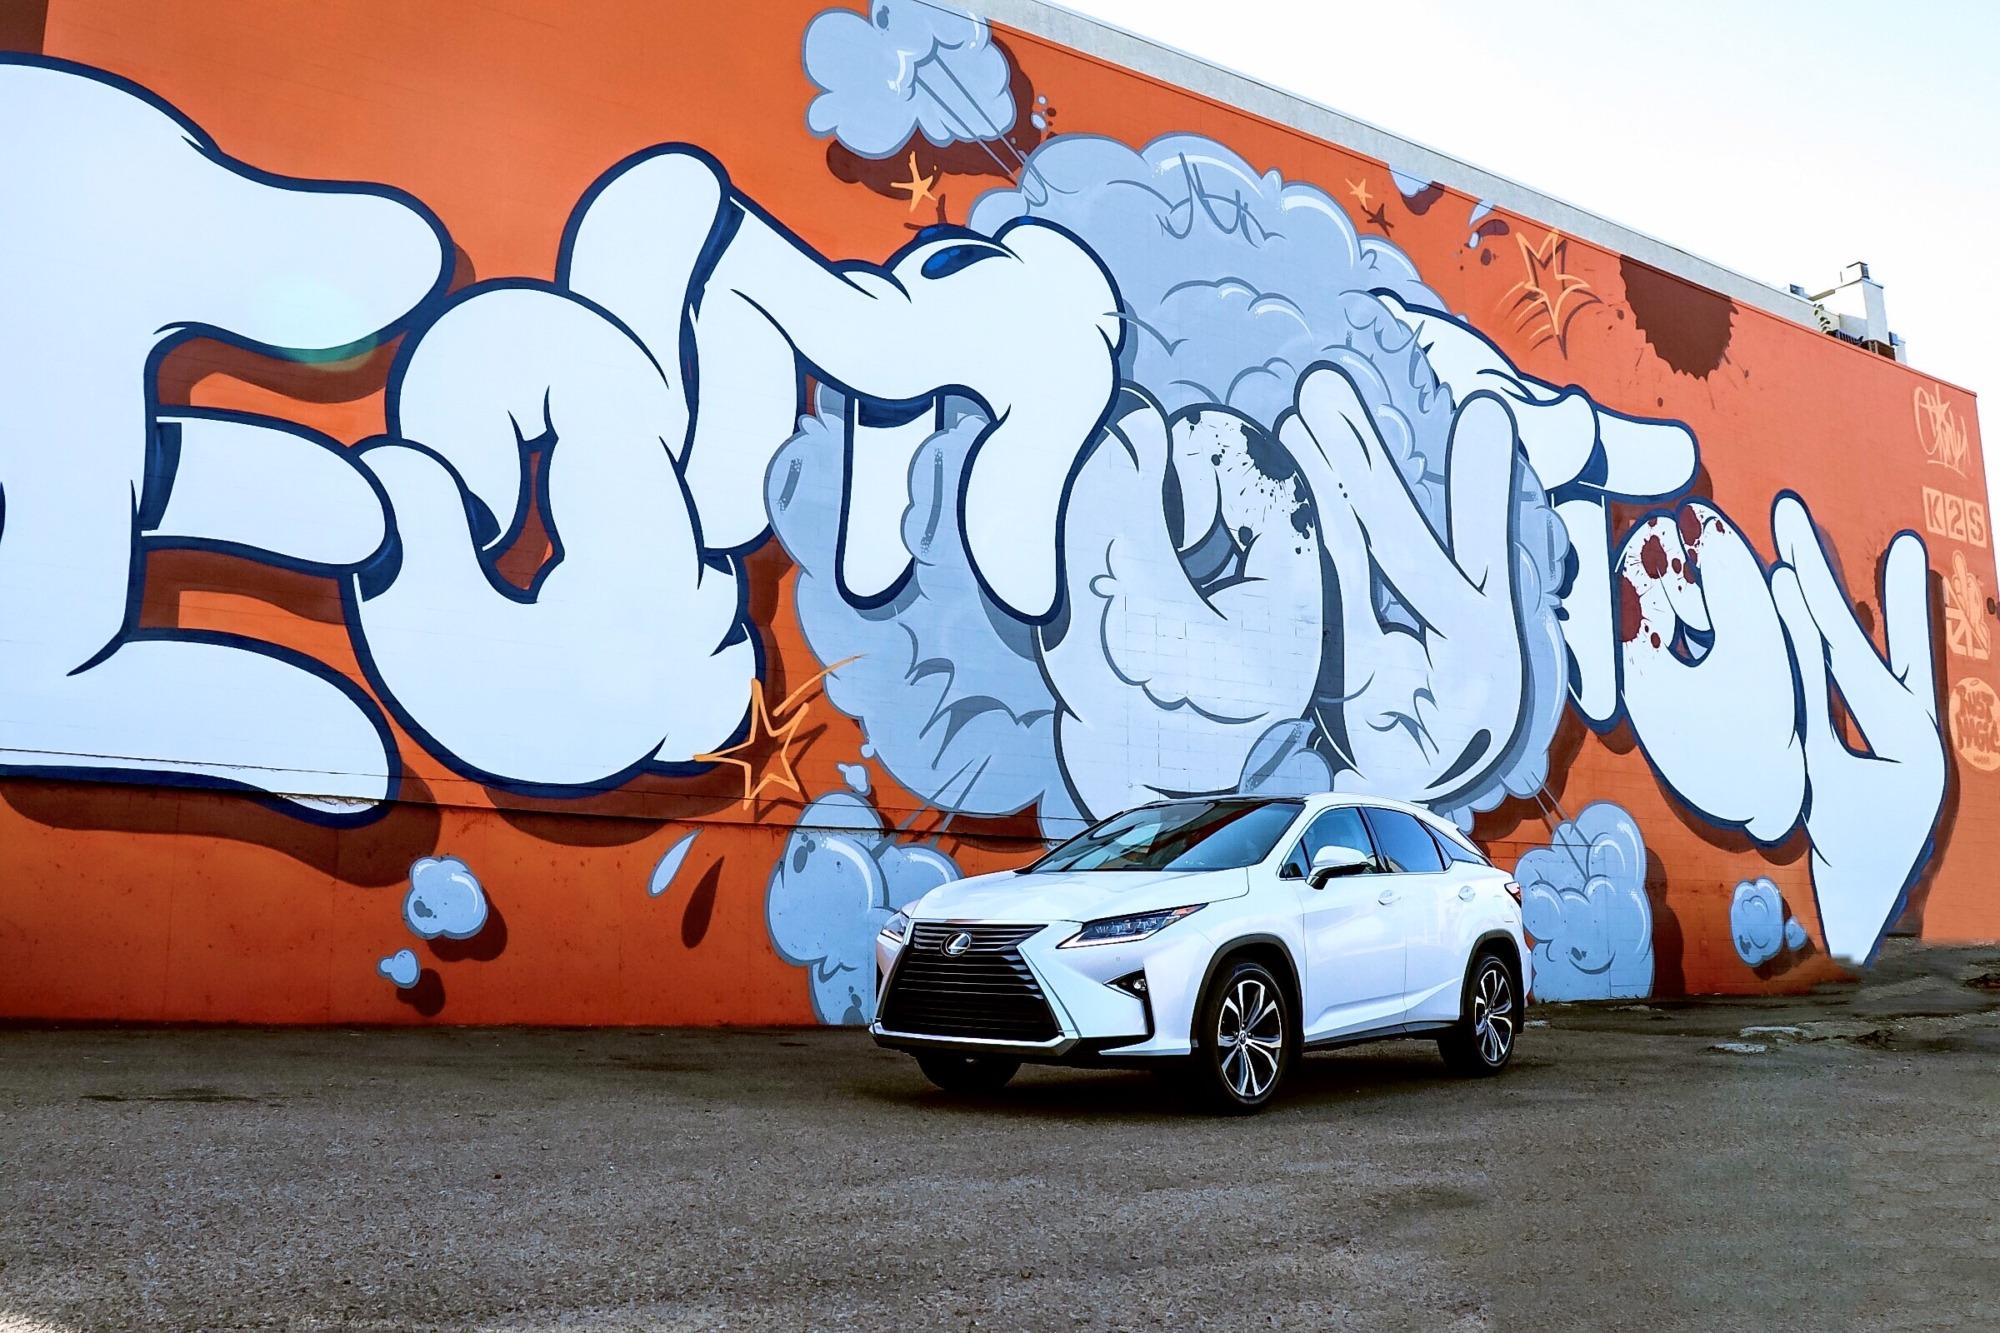 Instagrammable Walls in Edmonton